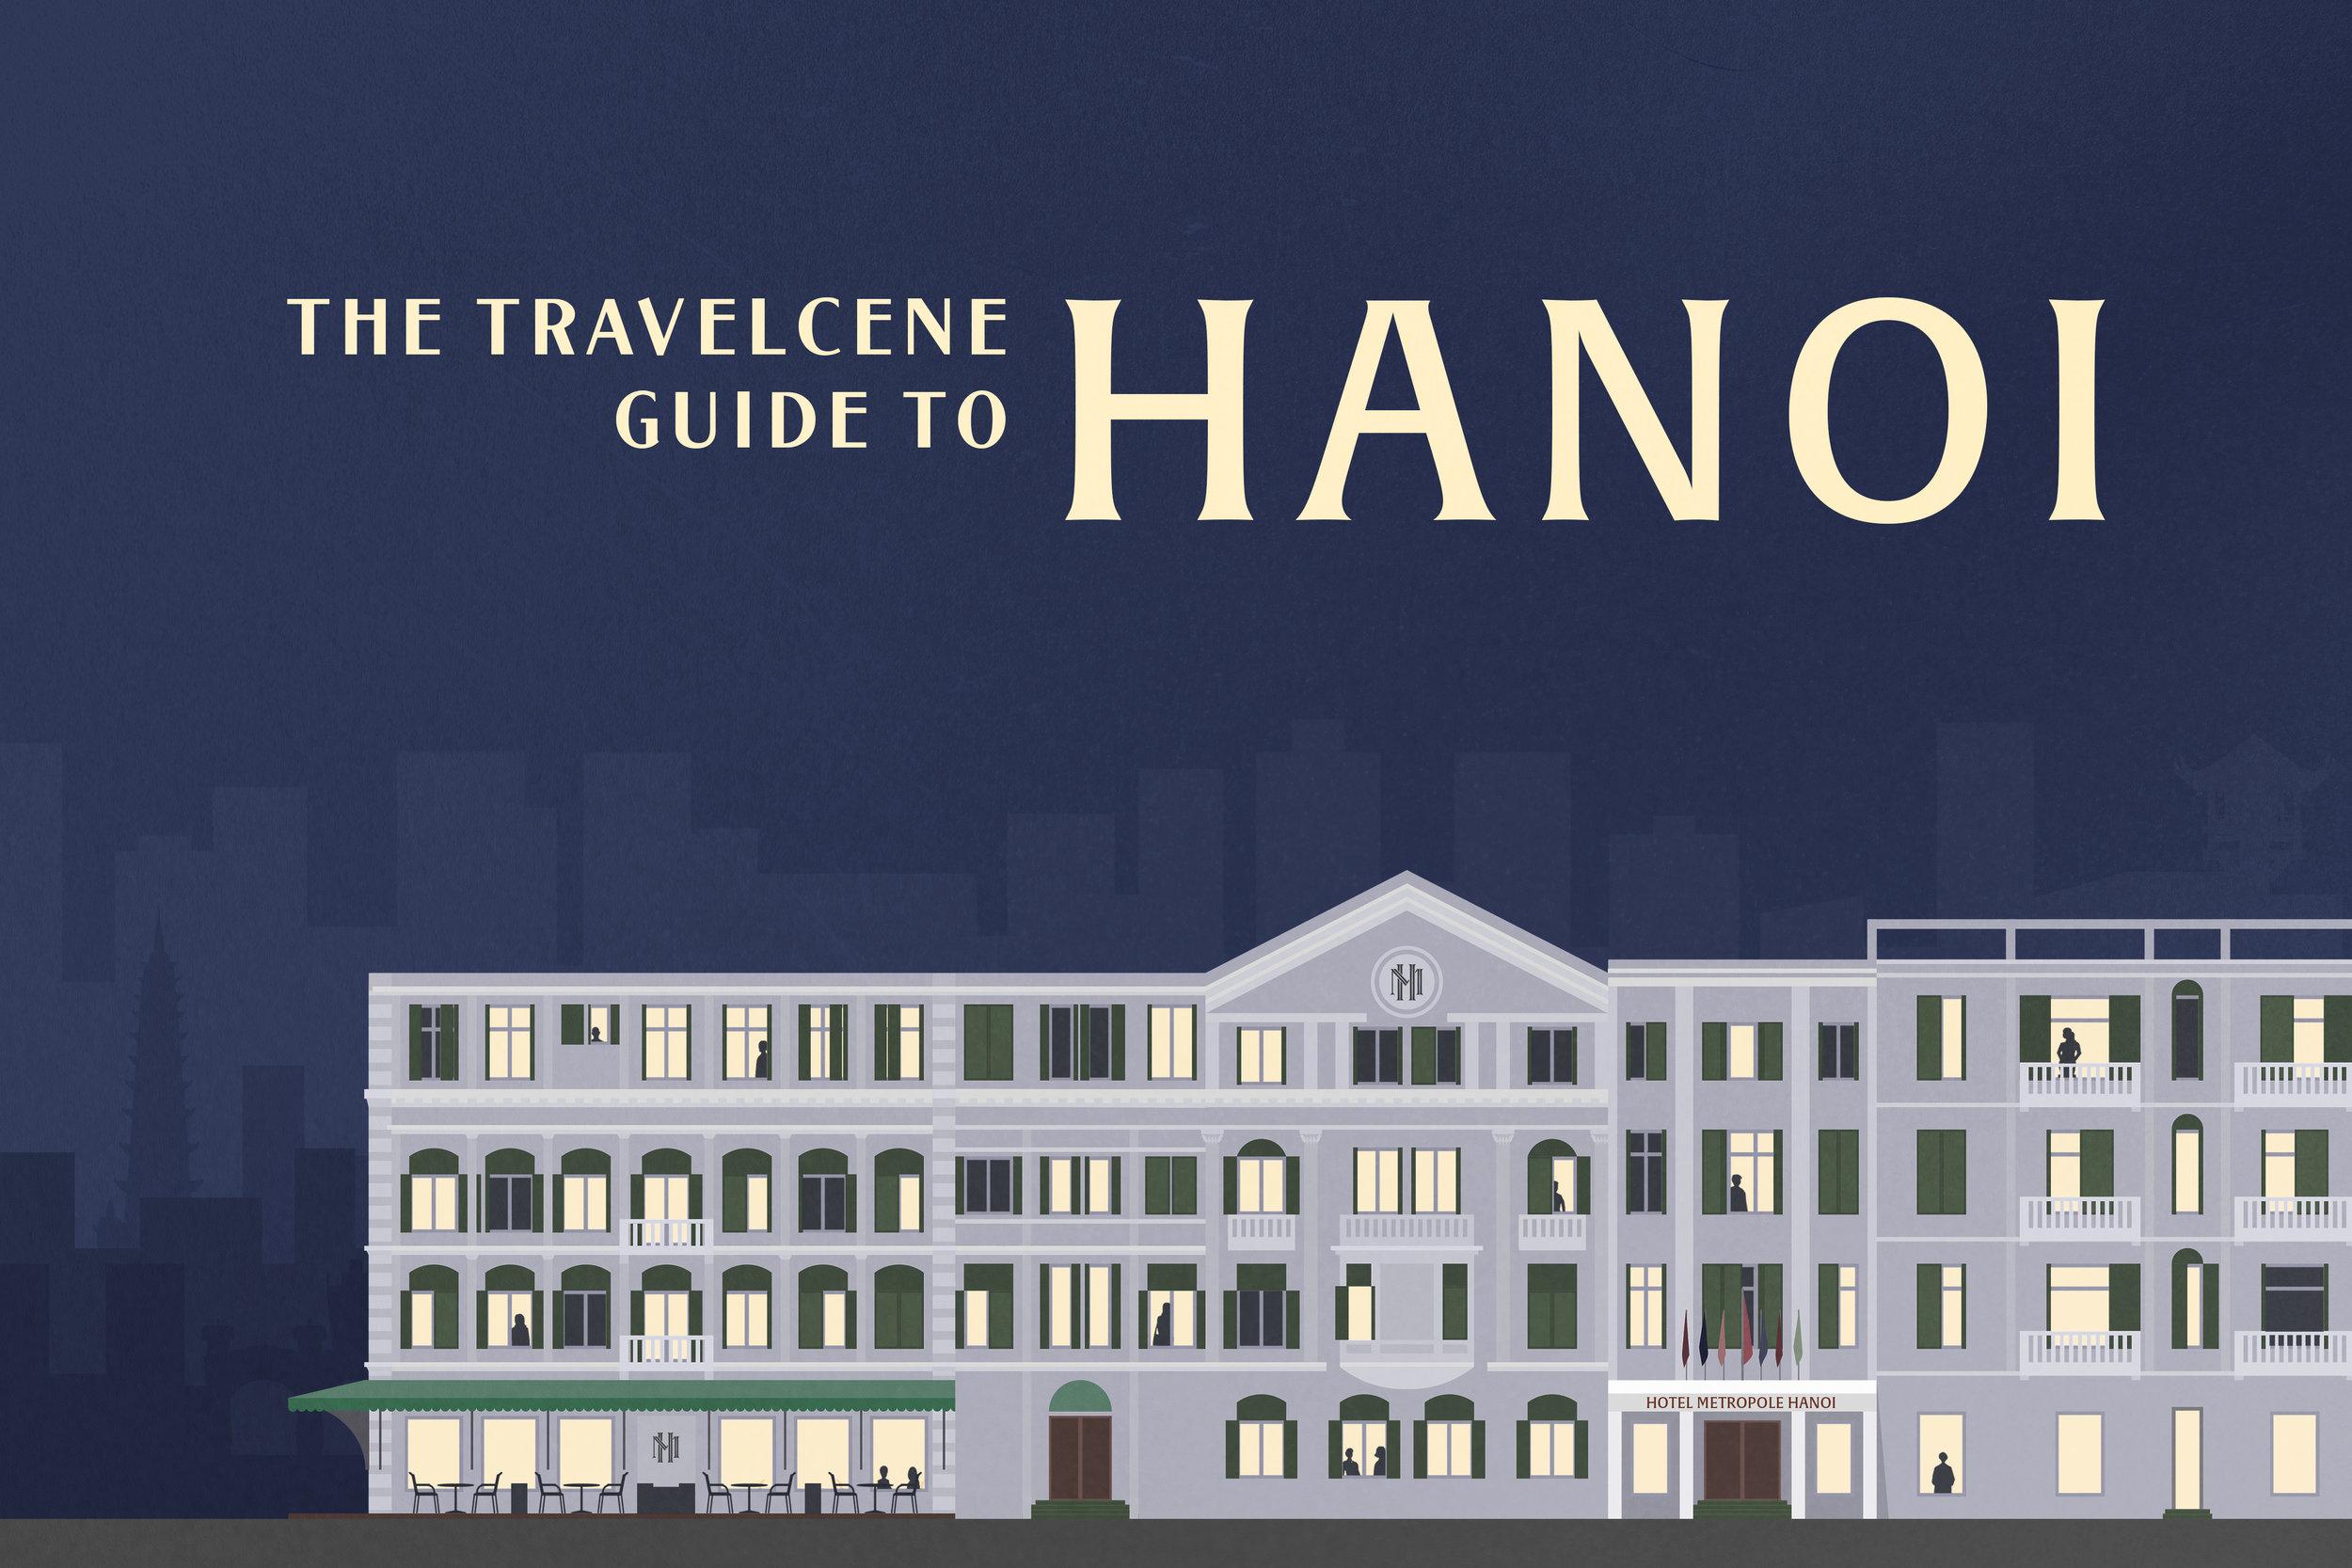 Travelcene-City-Guide-Hanoi-Bannerjpg